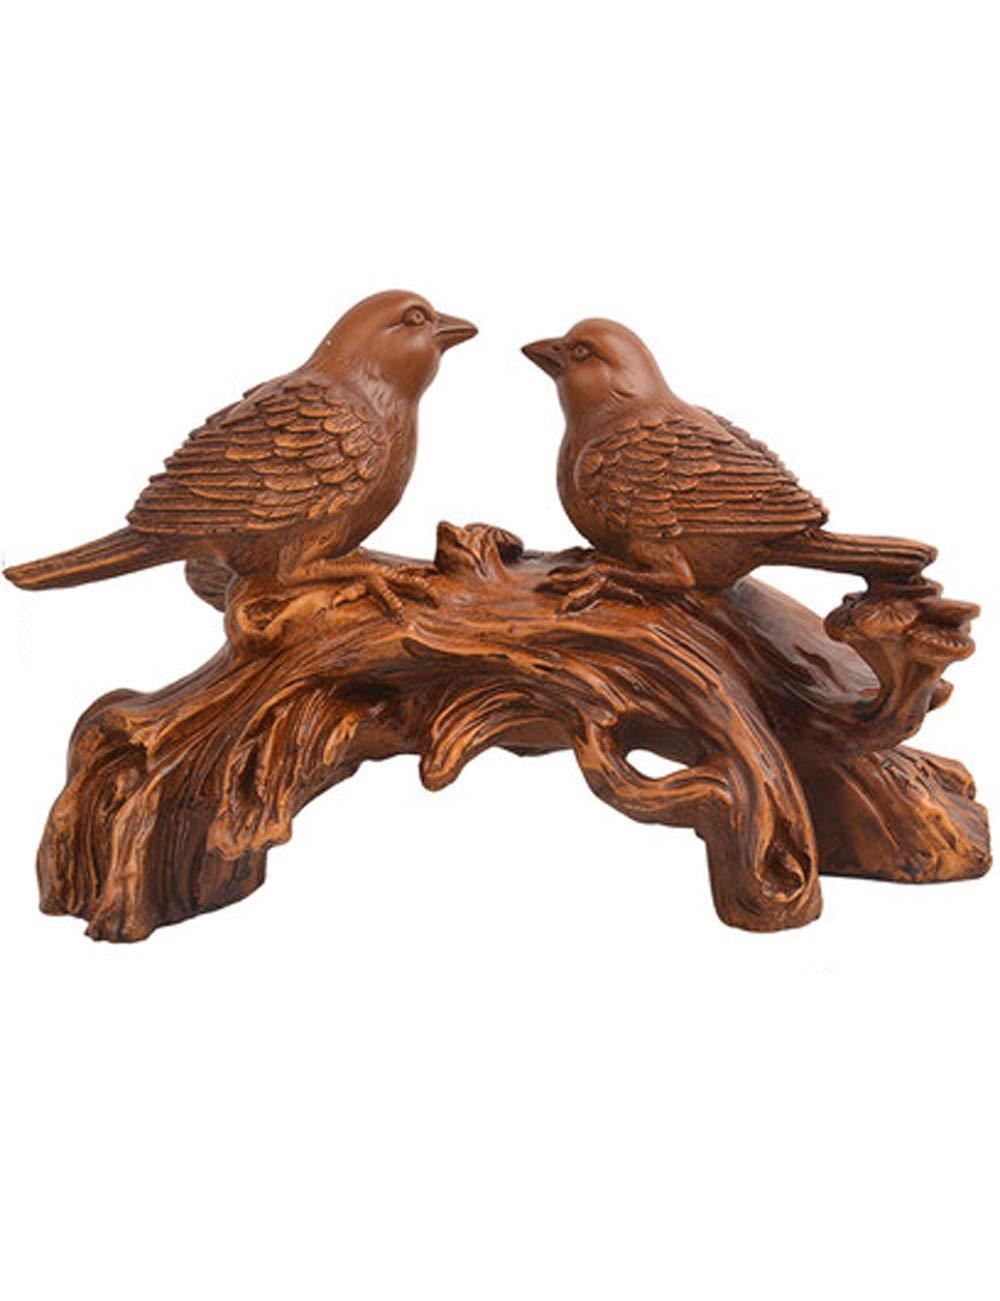 ヨーロッパ樹脂装飾リビングルームテレビキャビネット装飾クリエイティブ動物愛好家アカシア鳥工芸品、マルチカラーオプション (色 : Brown)  Brown B07JWB11VD